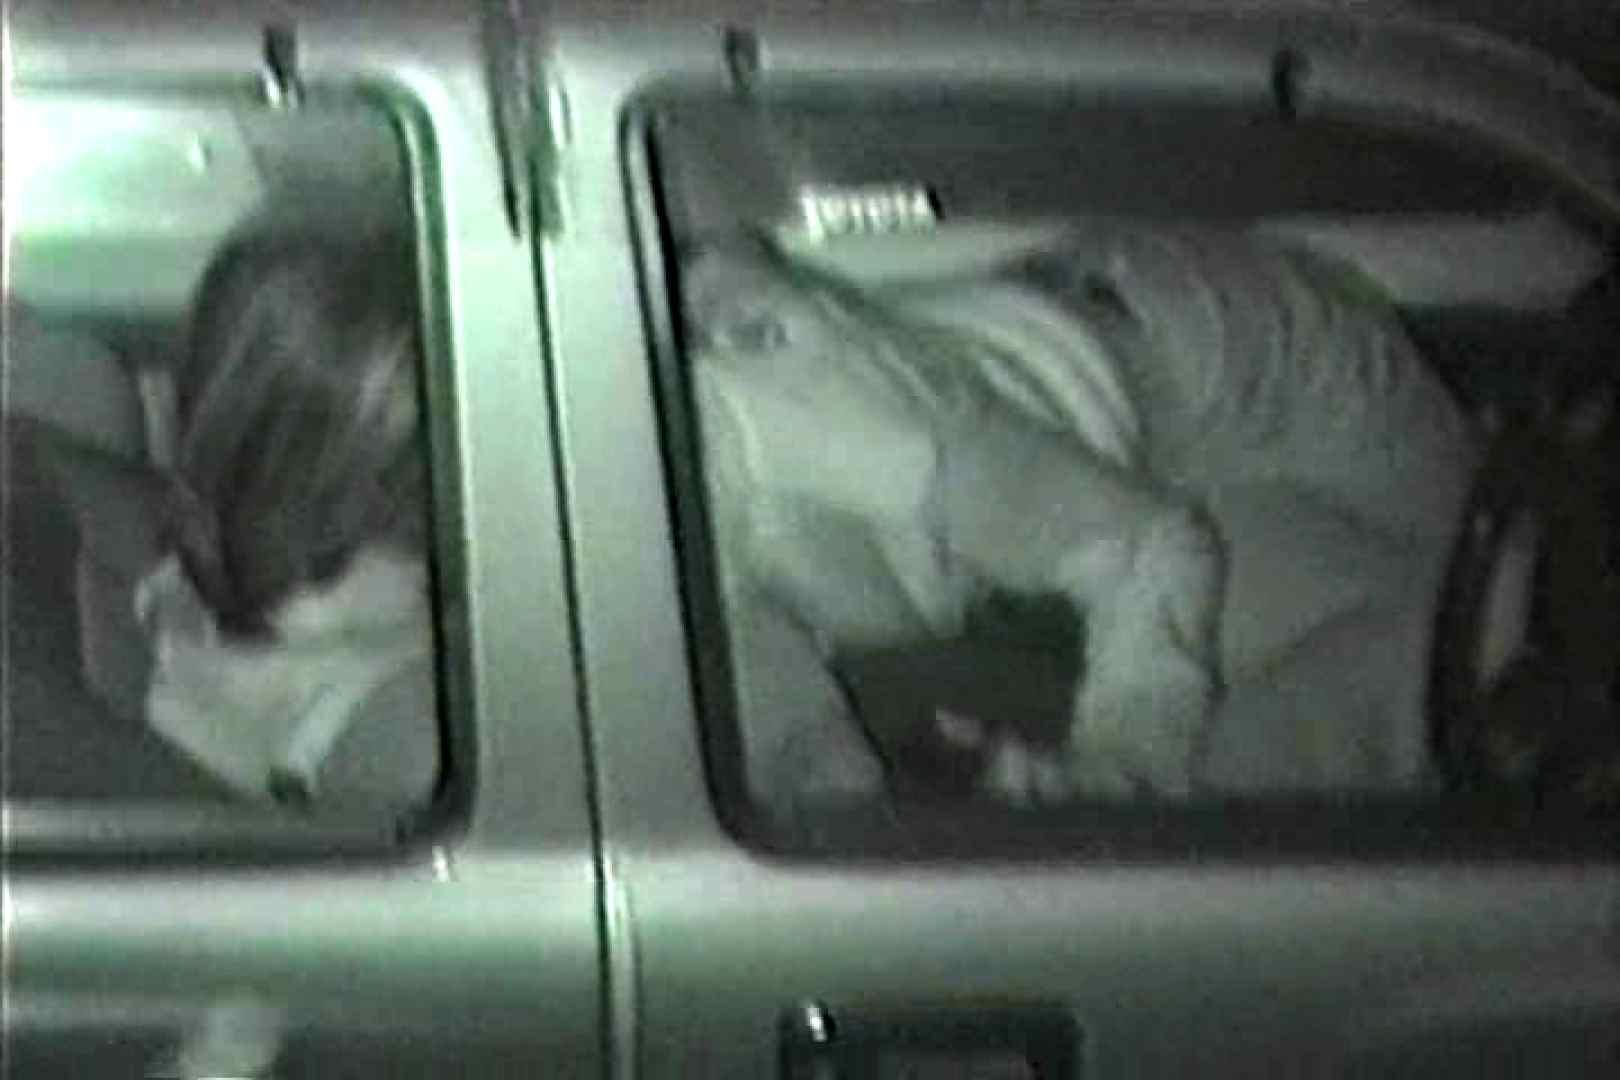 車の中はラブホテル 無修正版  Vol.7 人気シリーズ 覗きおまんこ画像 84pic 38